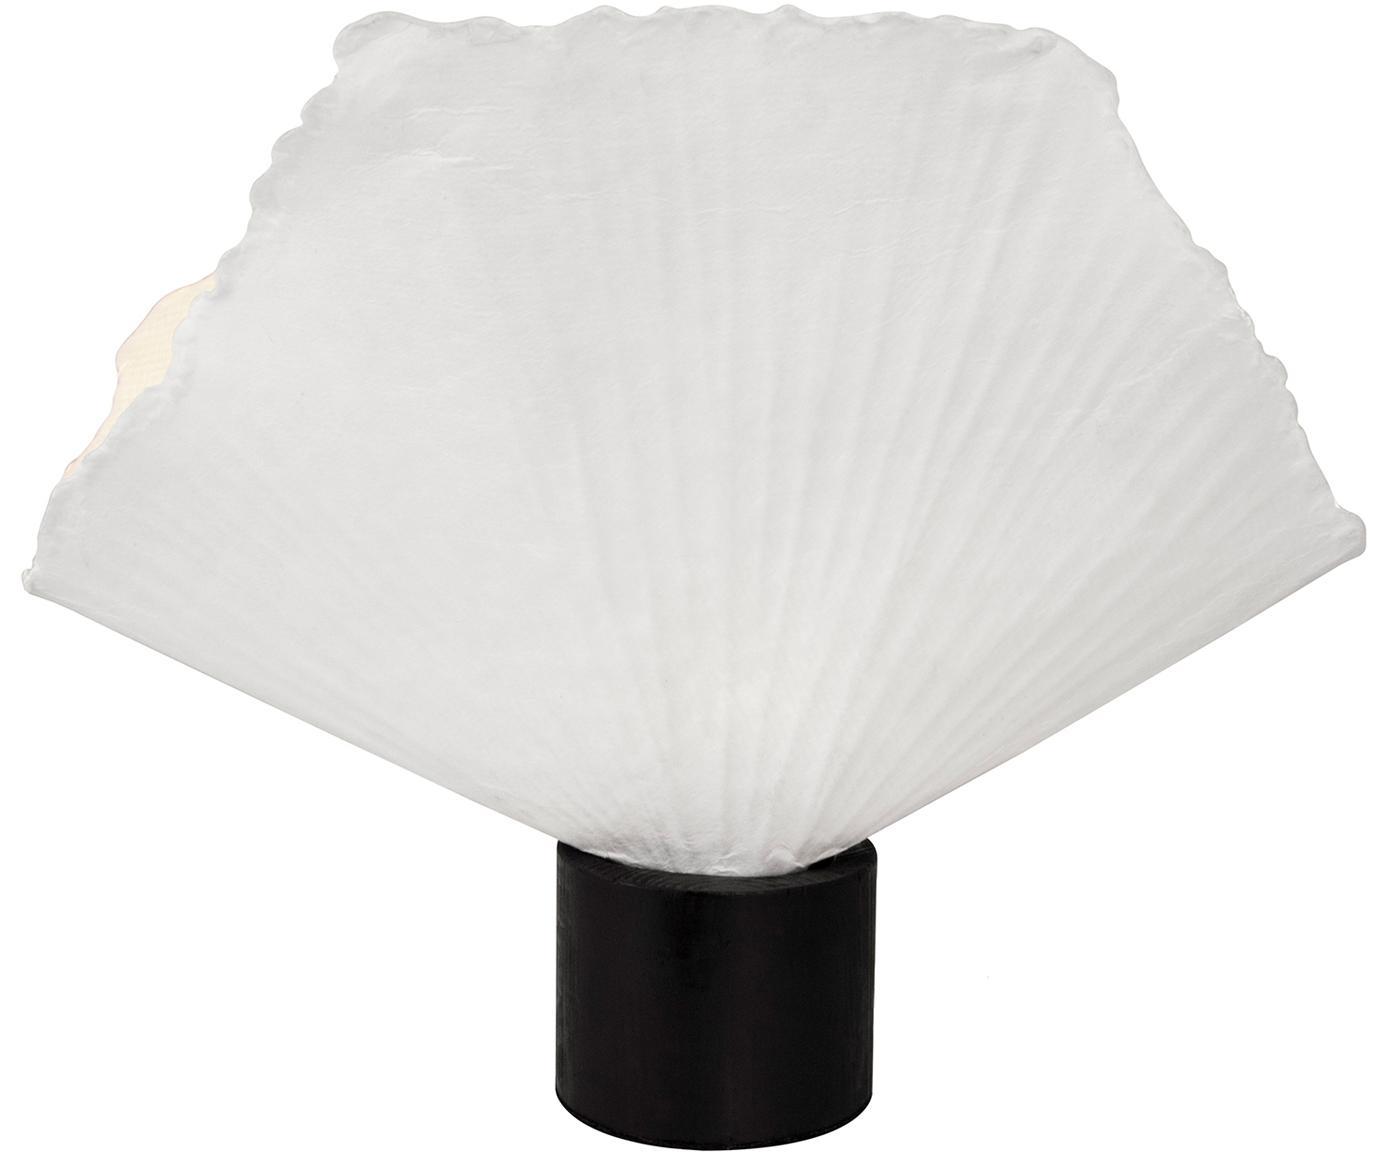 Design-Tischlampe Tropez aus Papier, Papier, Holz, beschichtet, Weiß, Schwarz, 43 x 35 cm